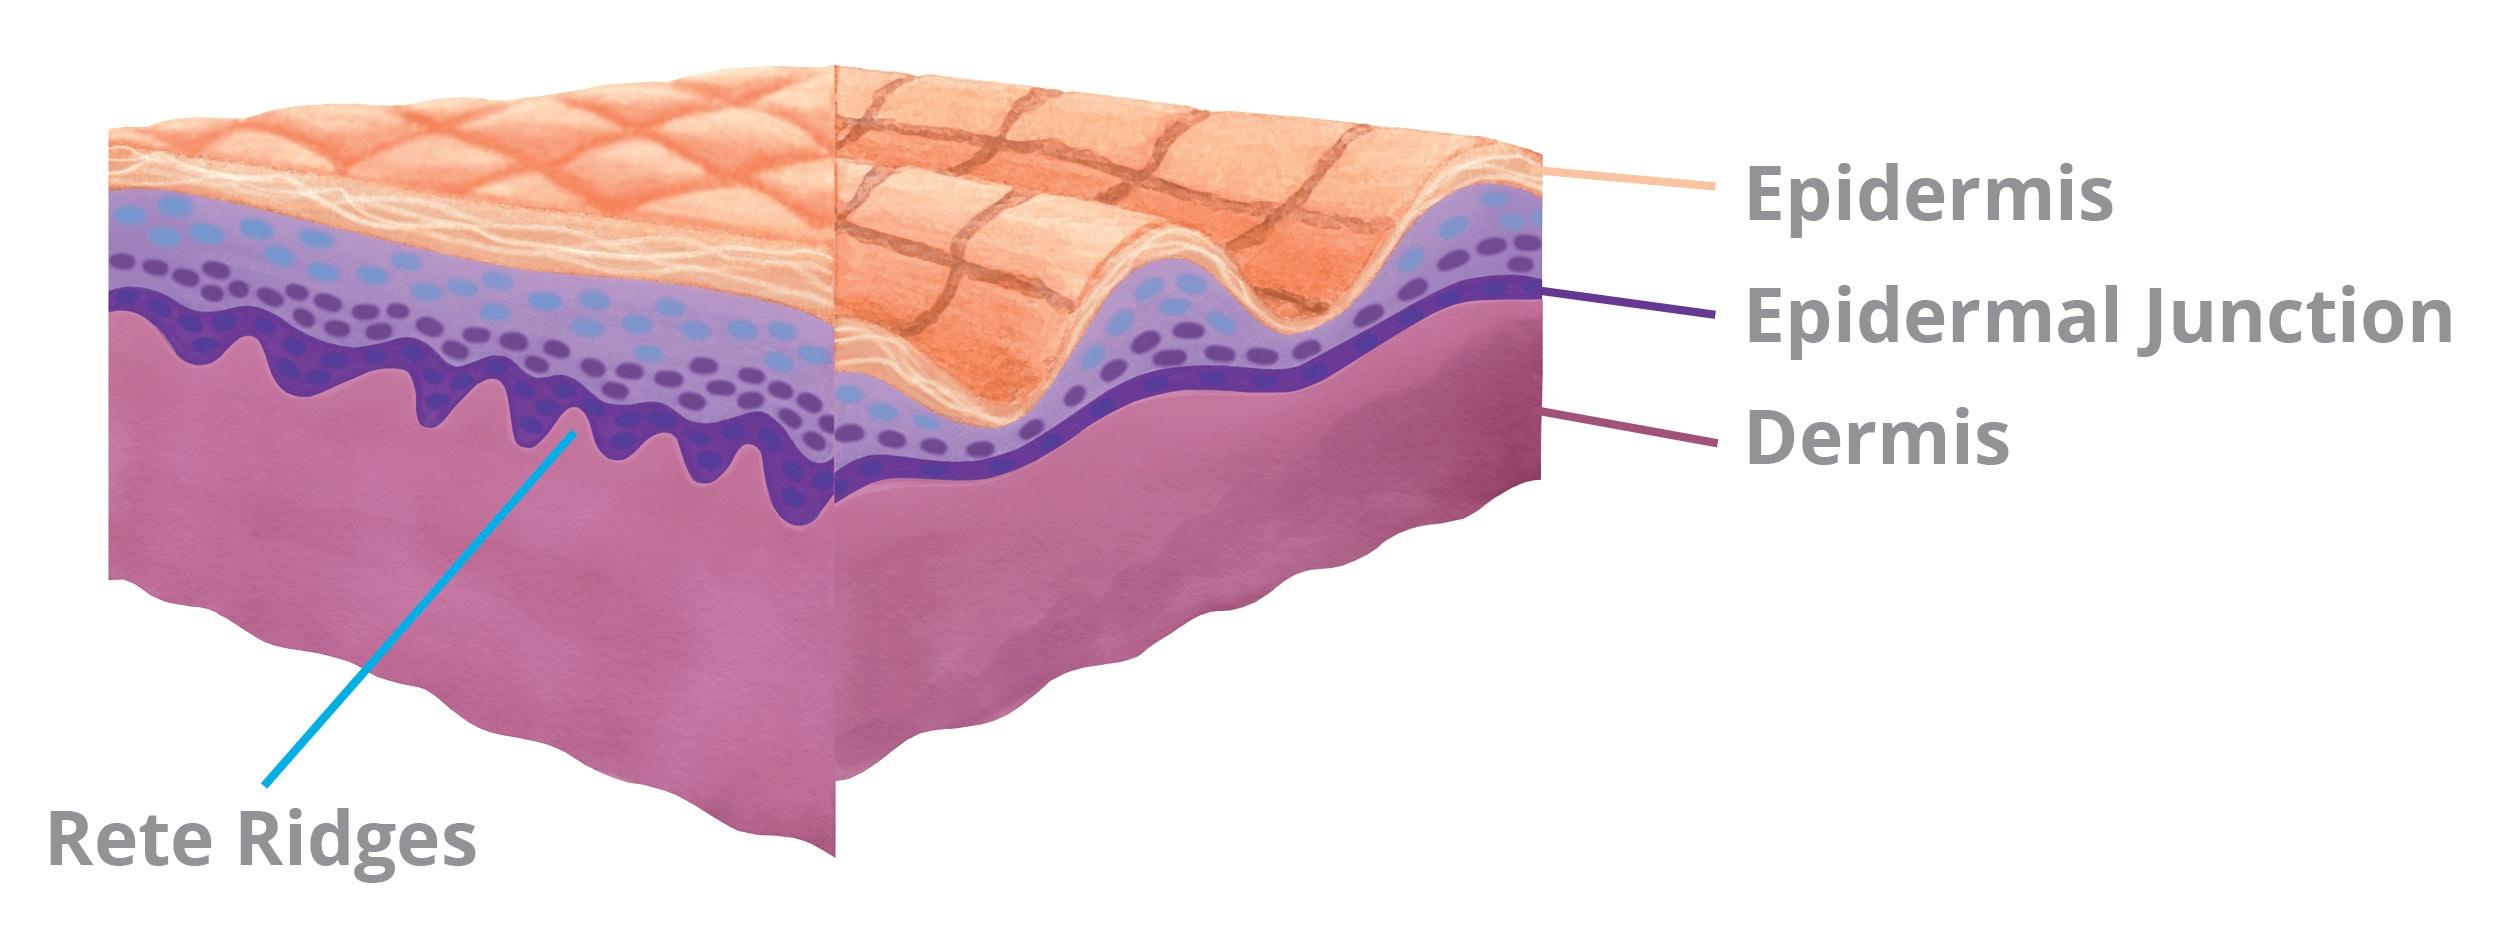 Dermal Epidermal Junction